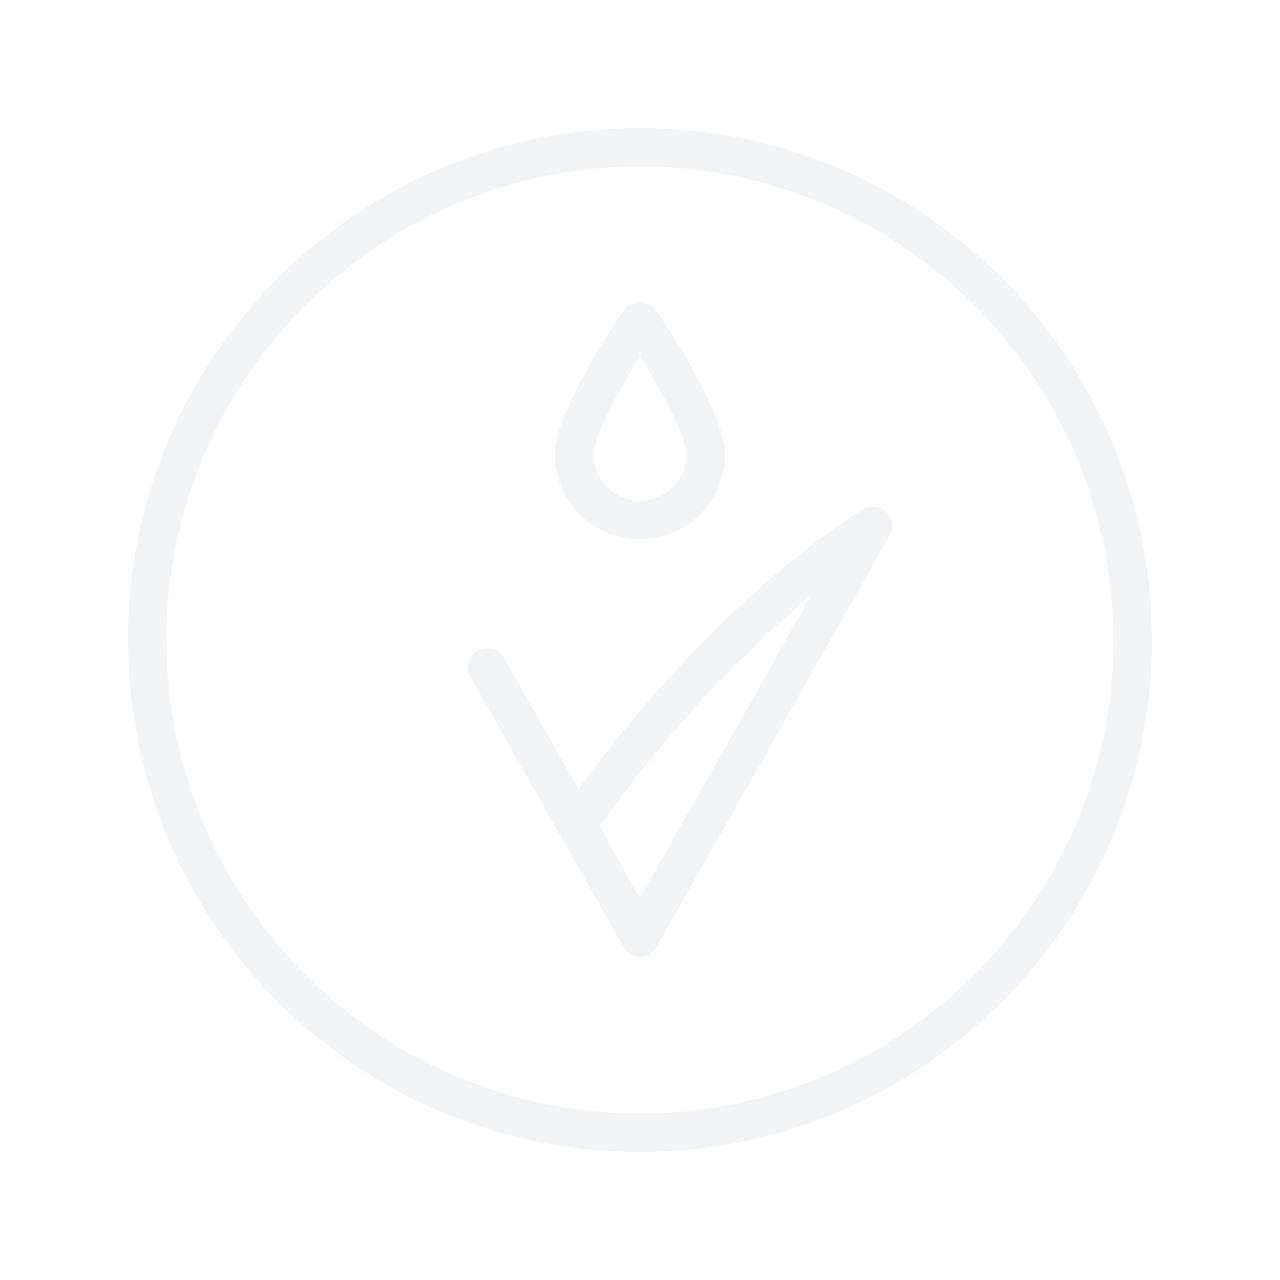 DR IRENA ERIS Fortessimo Maxima Gift Set